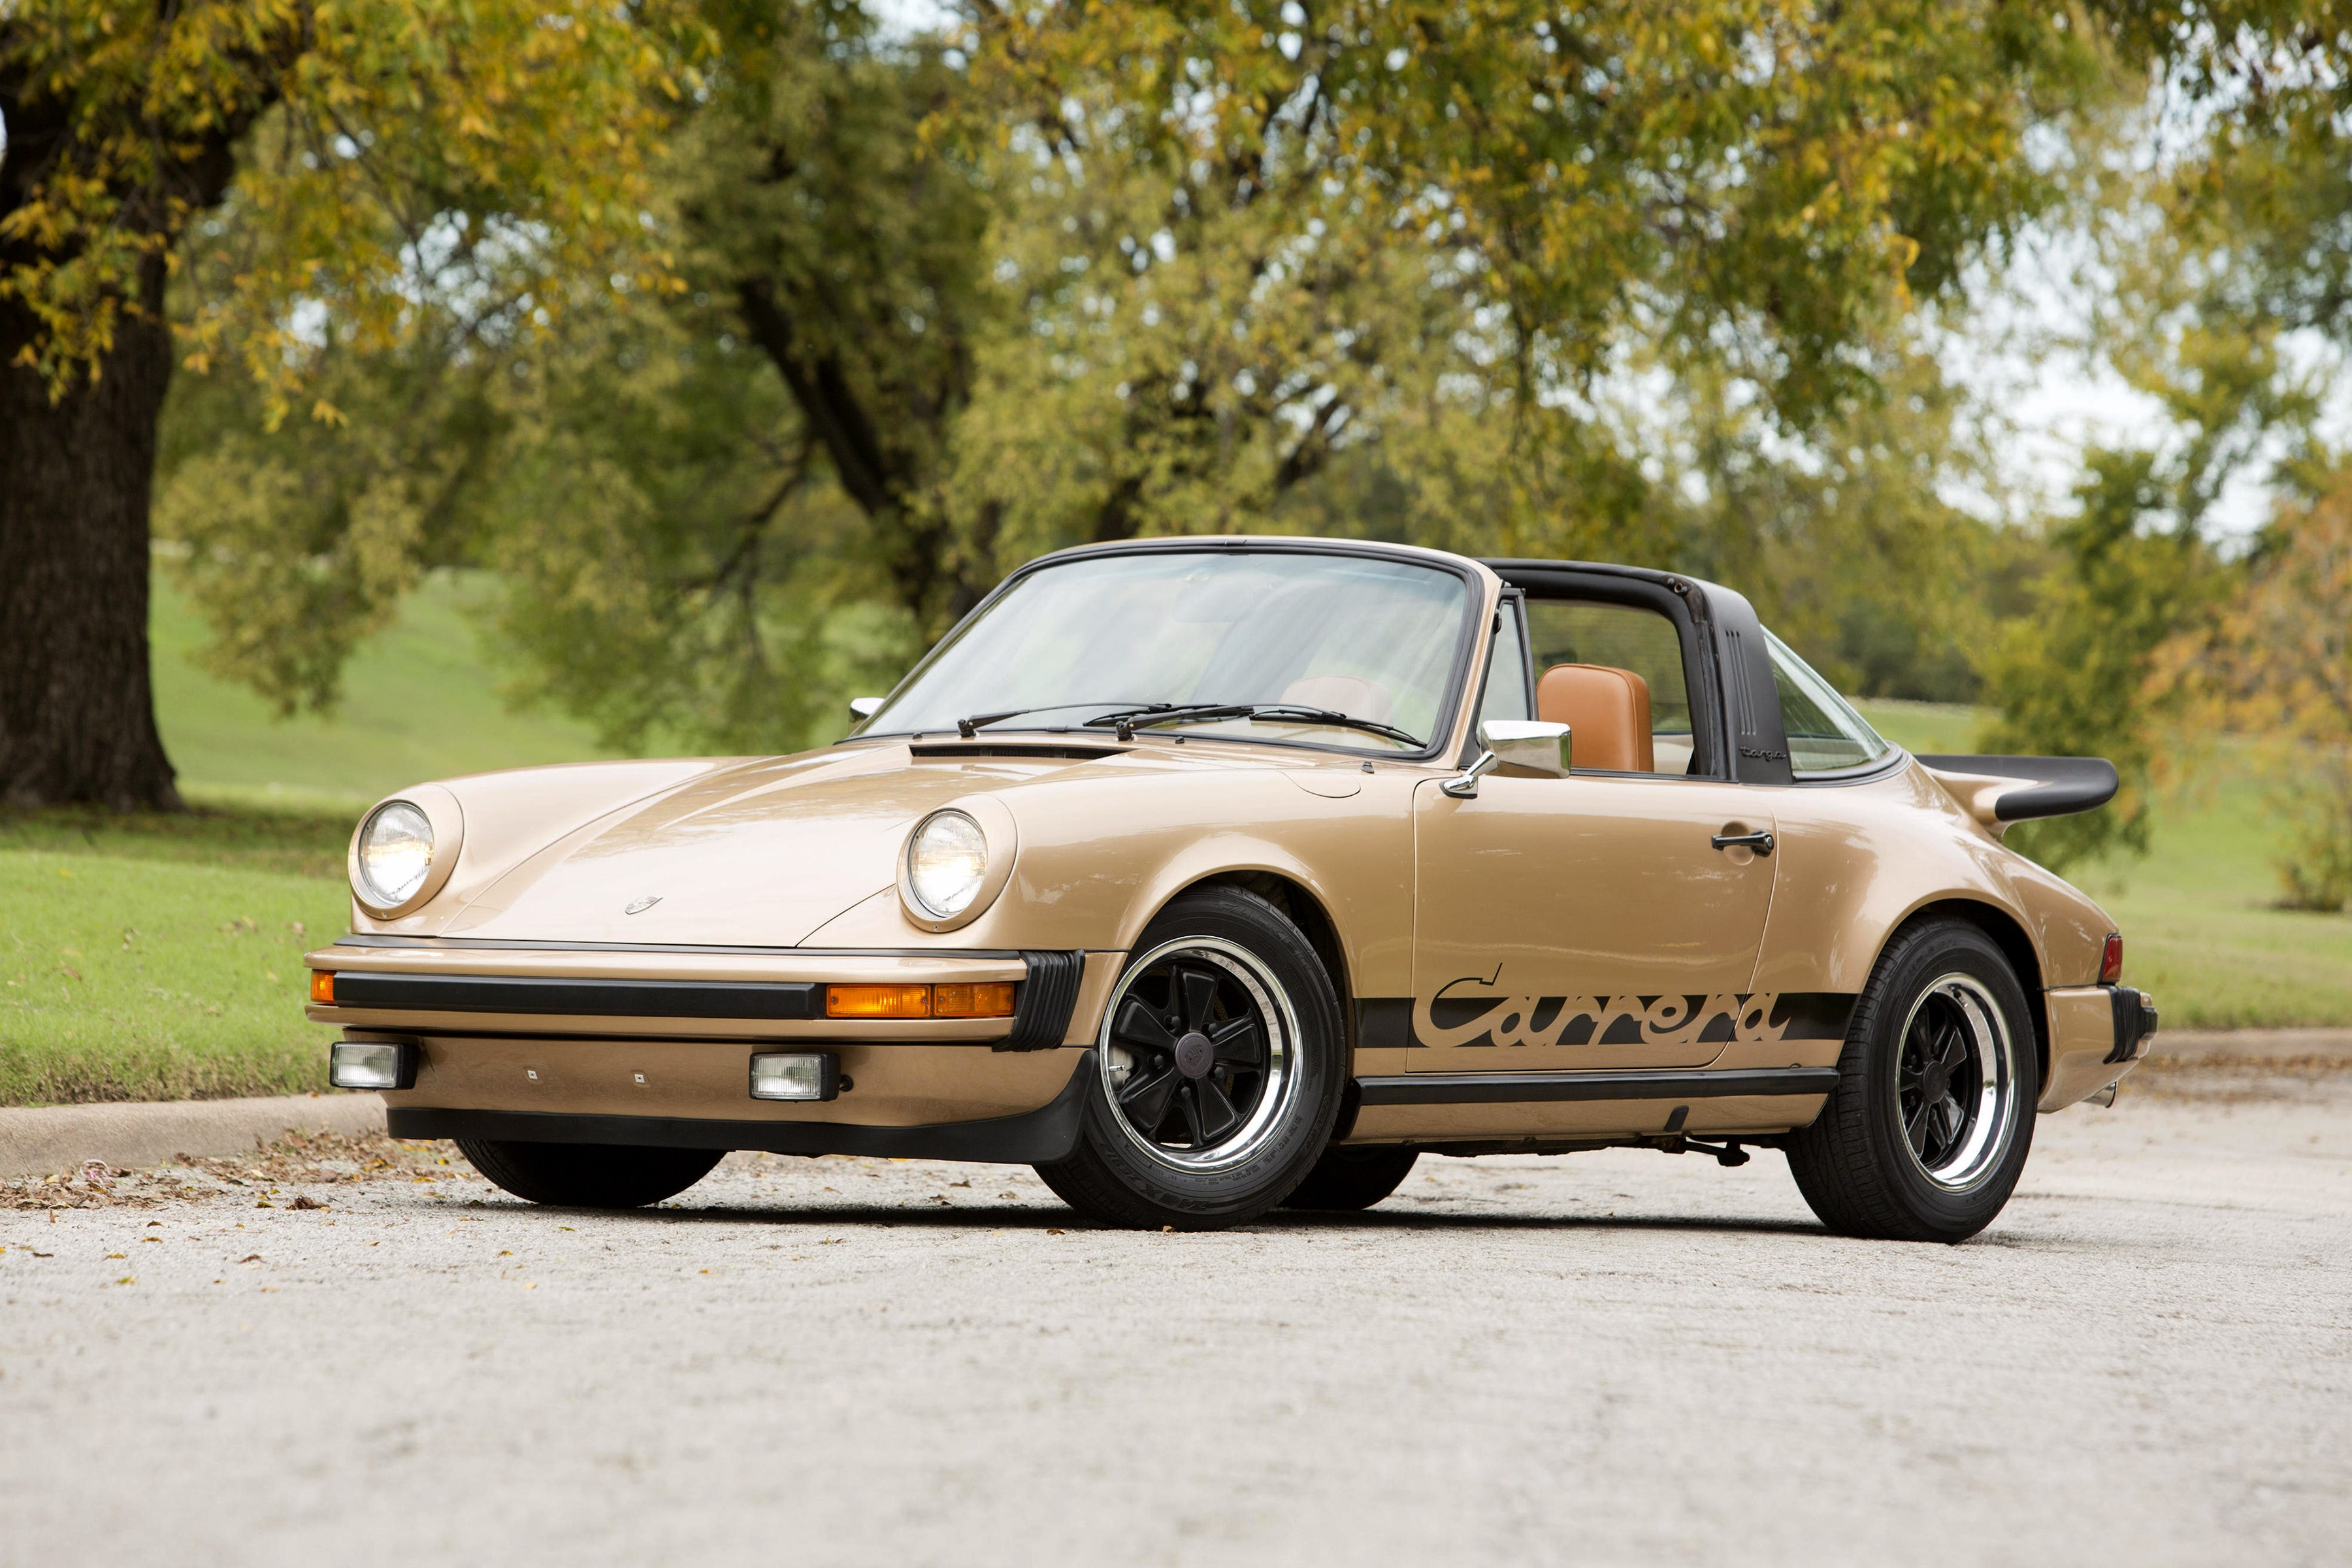 Porsche 911 Targa 930 1974 1975 1976 1977 1978 1979 1980 1981 1982 1983 1984 1985